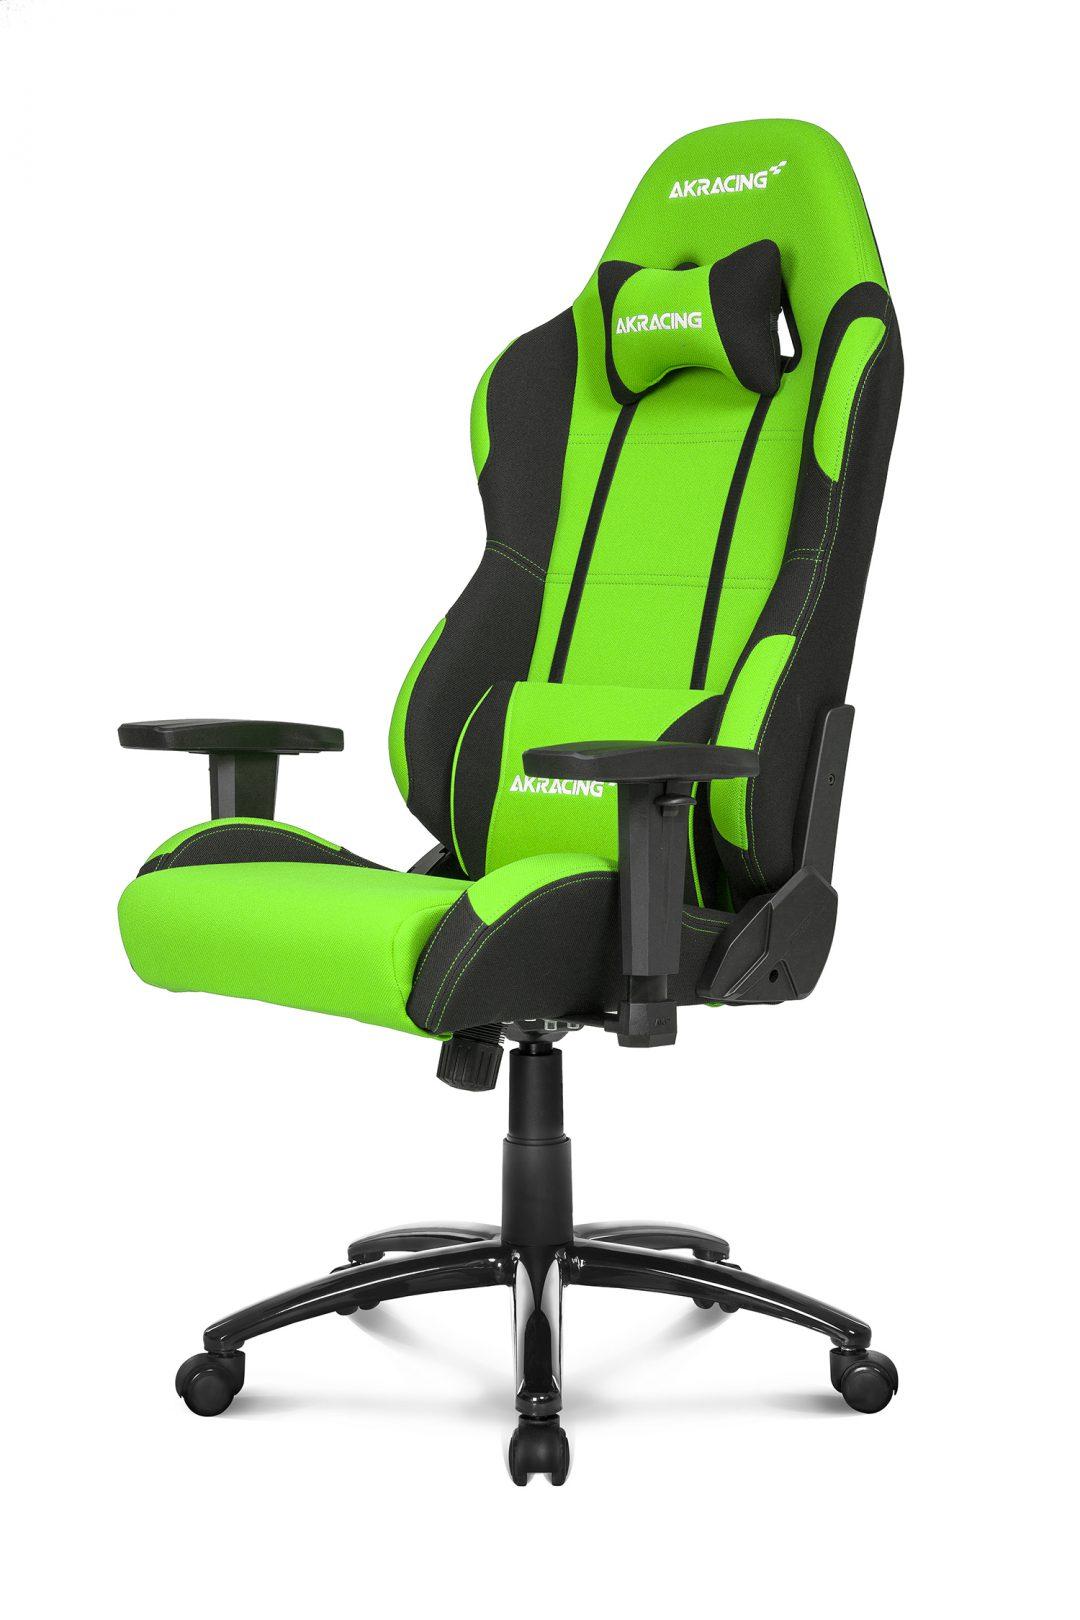 ak-prime-green-11